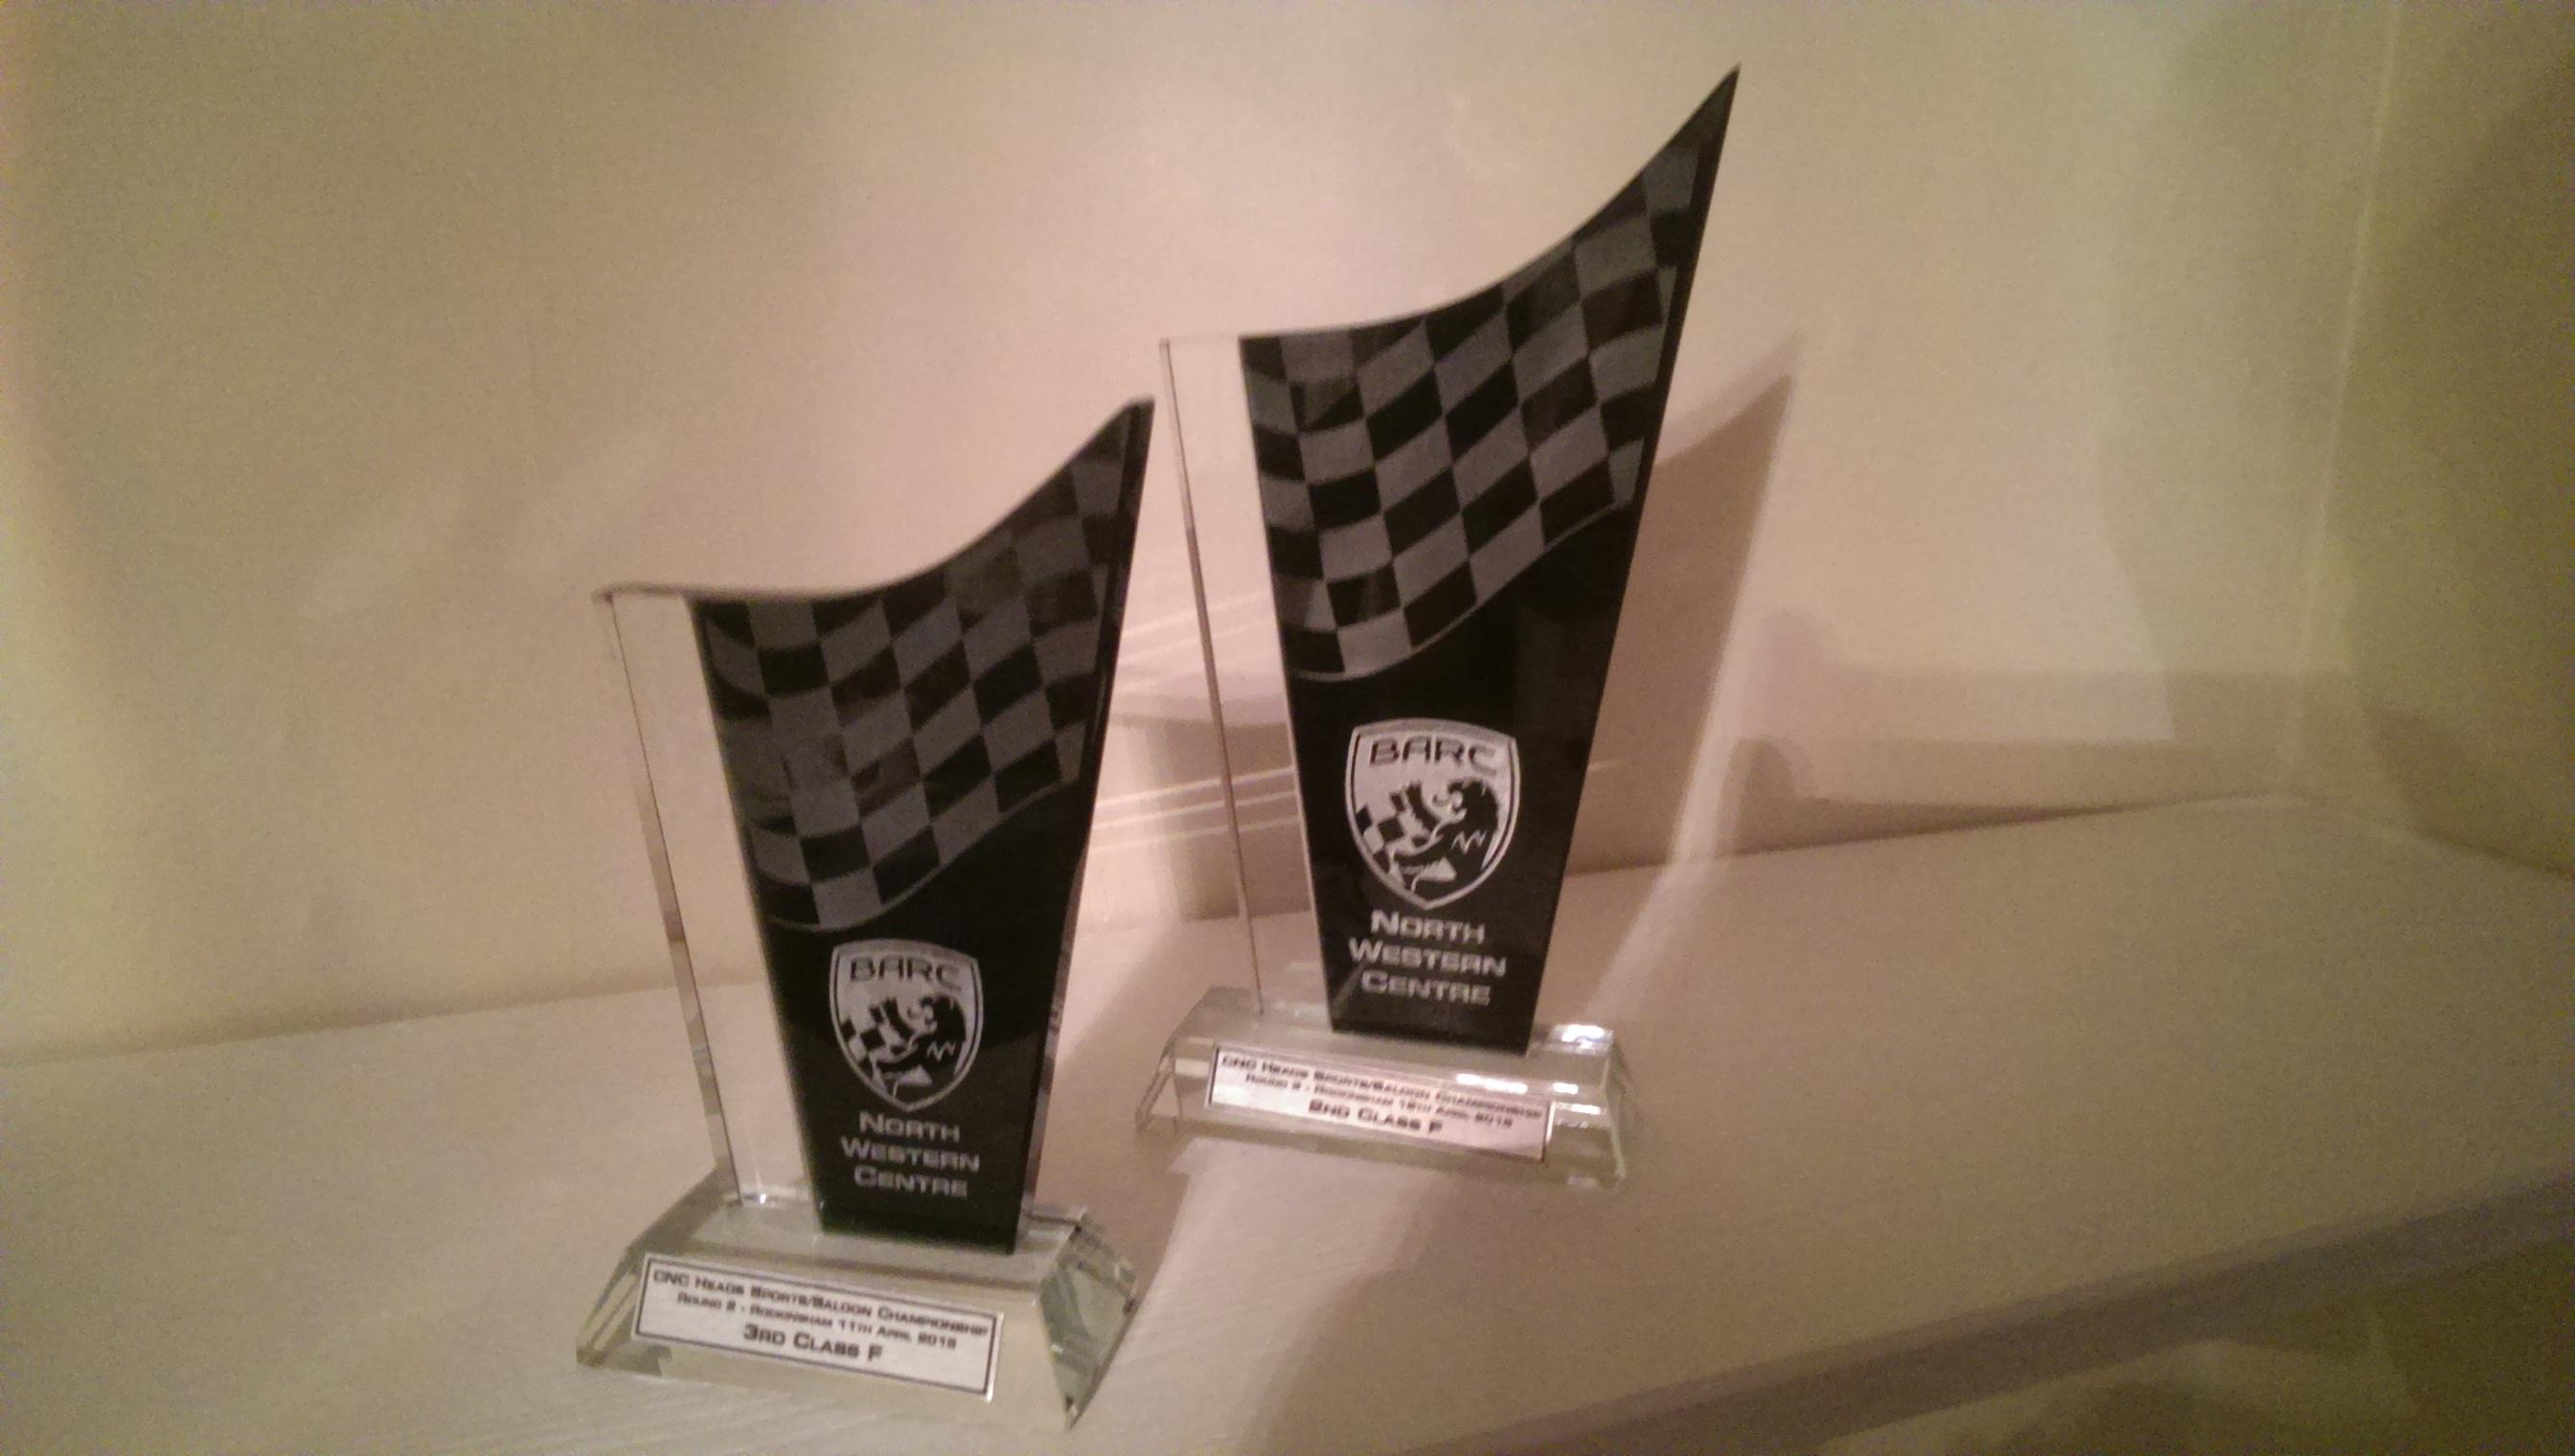 BARC trophies